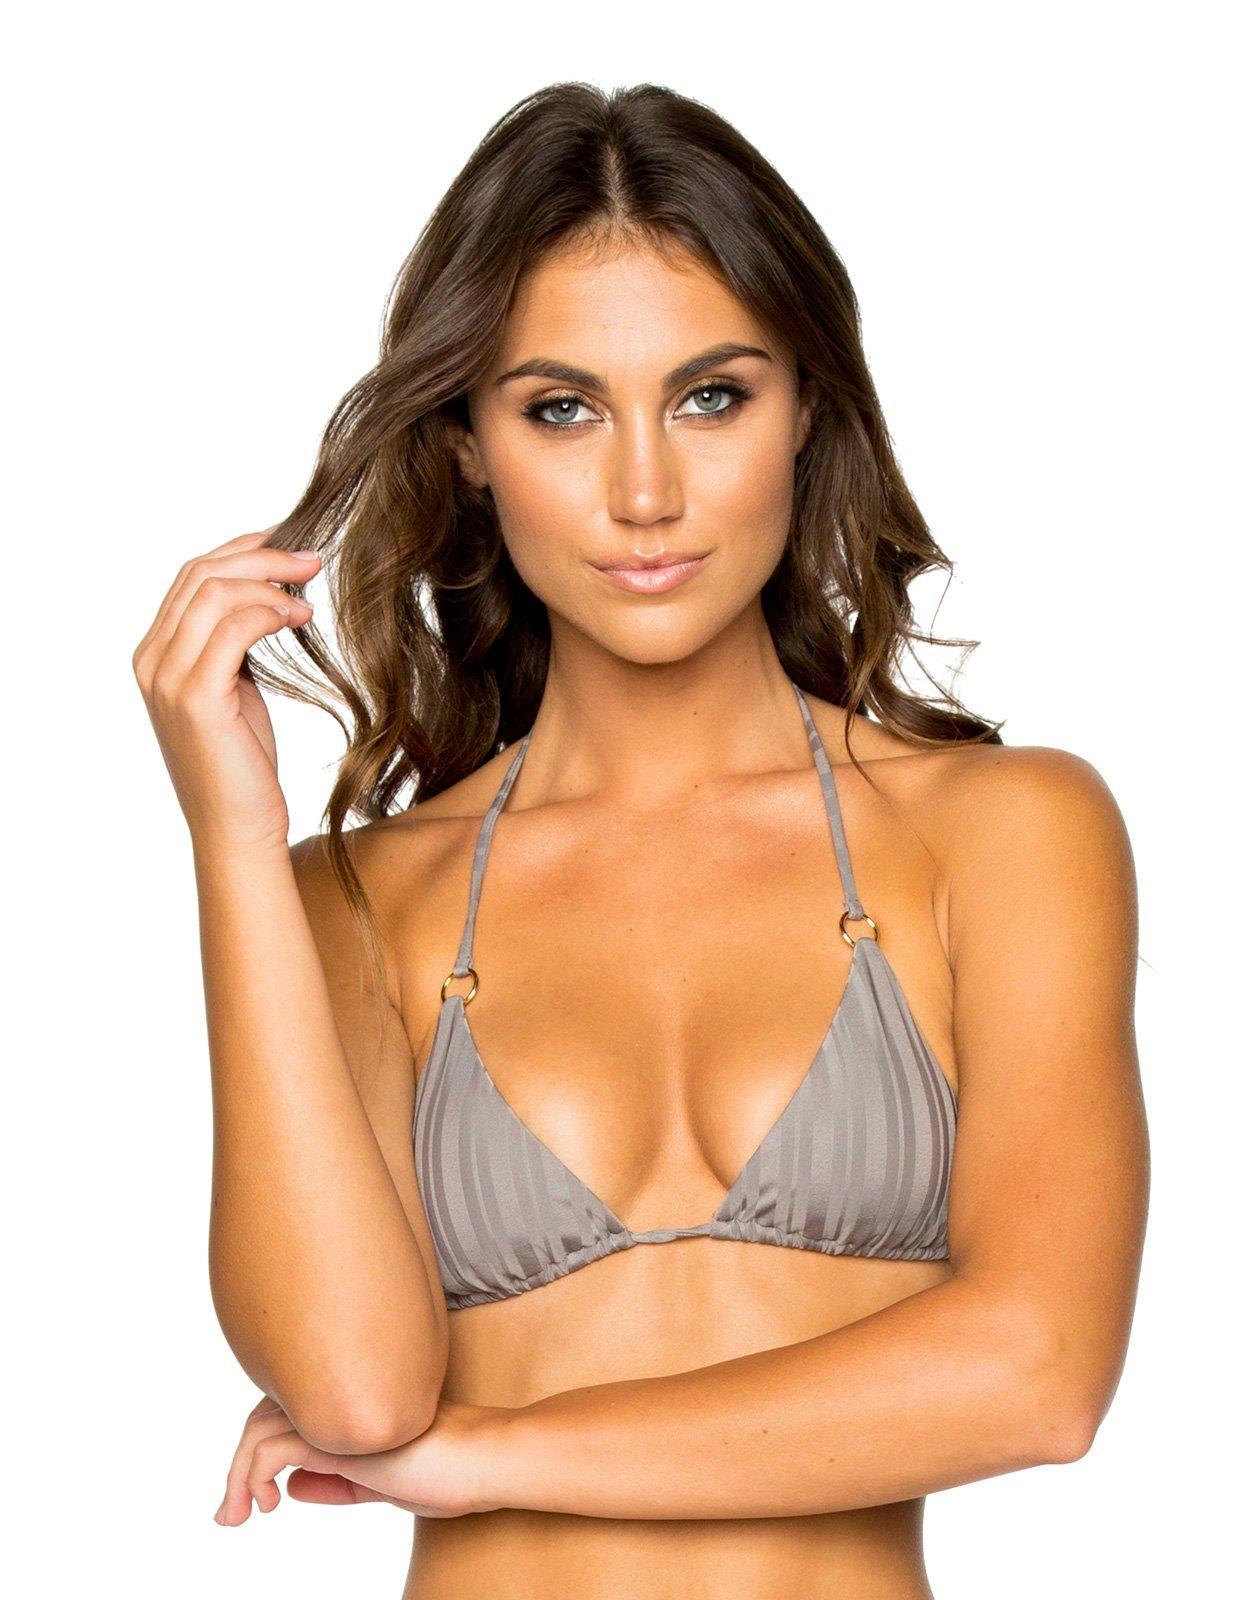 4b53da8f7aa92 Triangle grey bikini top with rings - TOP SEAMLESS GREY TURI TURAI ...